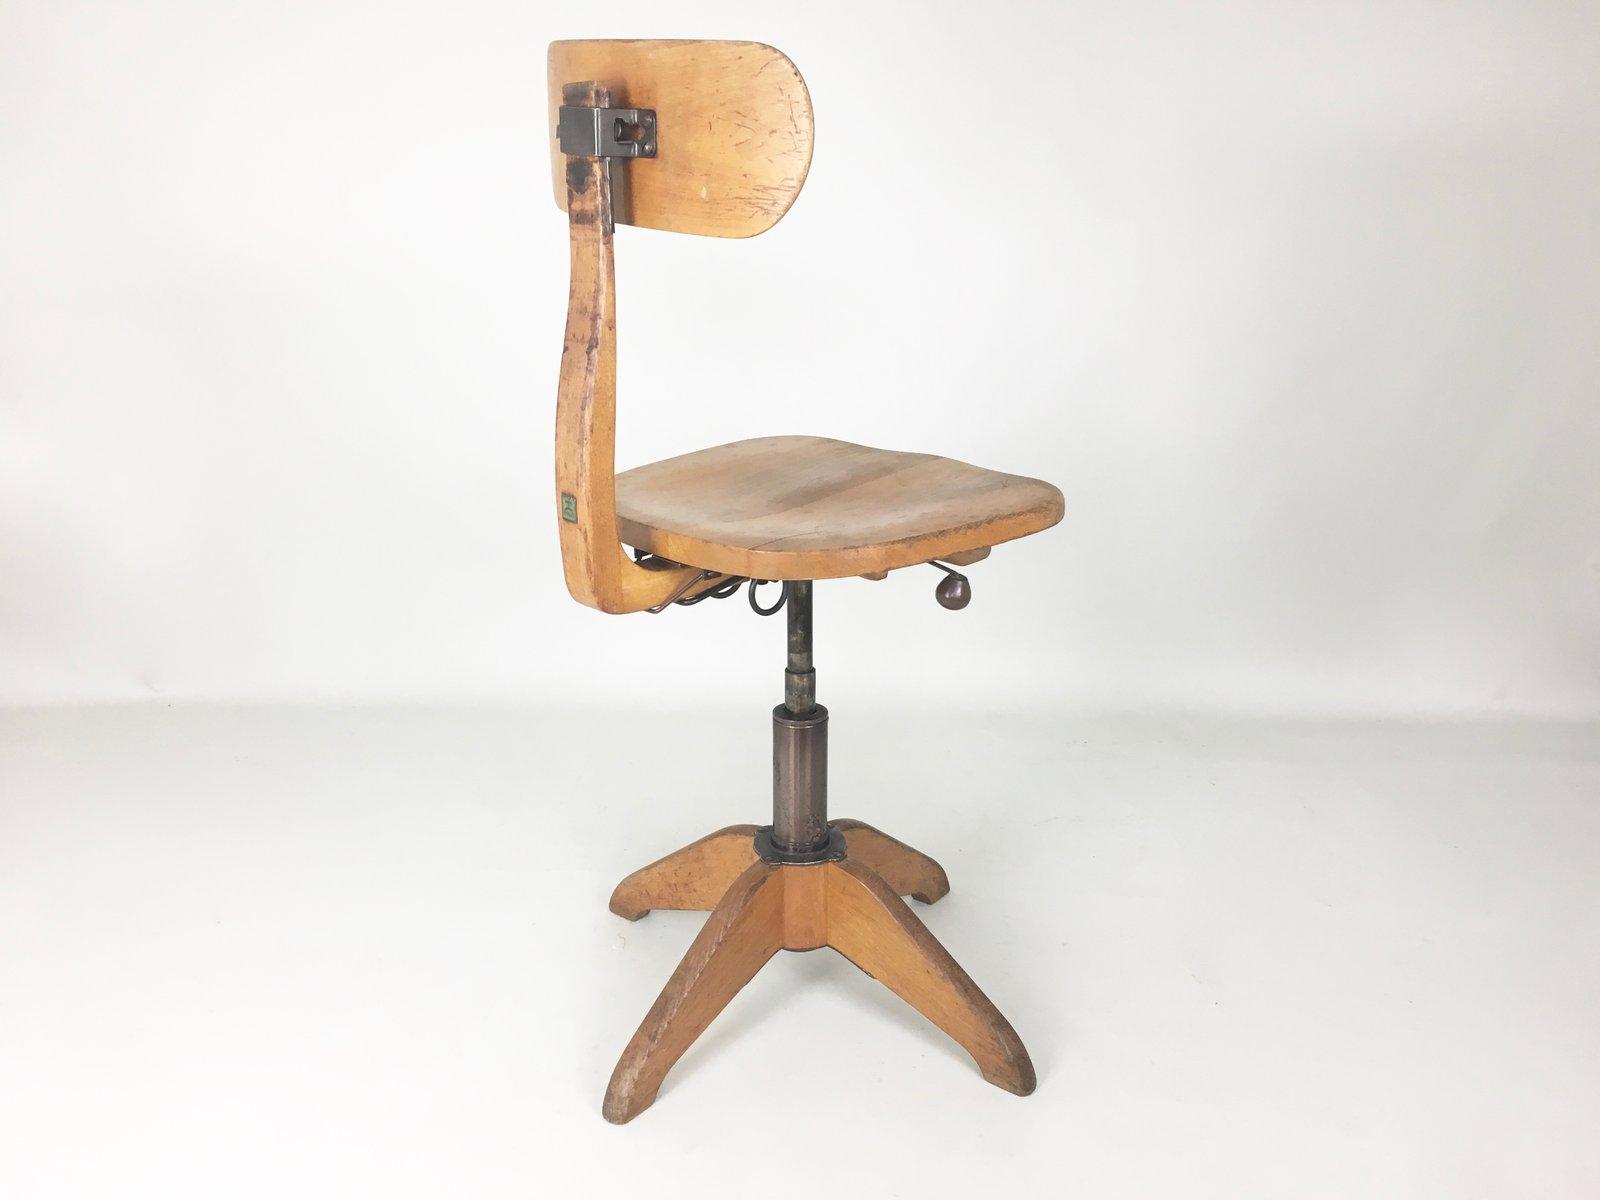 Chaise De Bureau Vintage Industrielle De Giroflex Stoll 1930s En Vente Sur Pamono